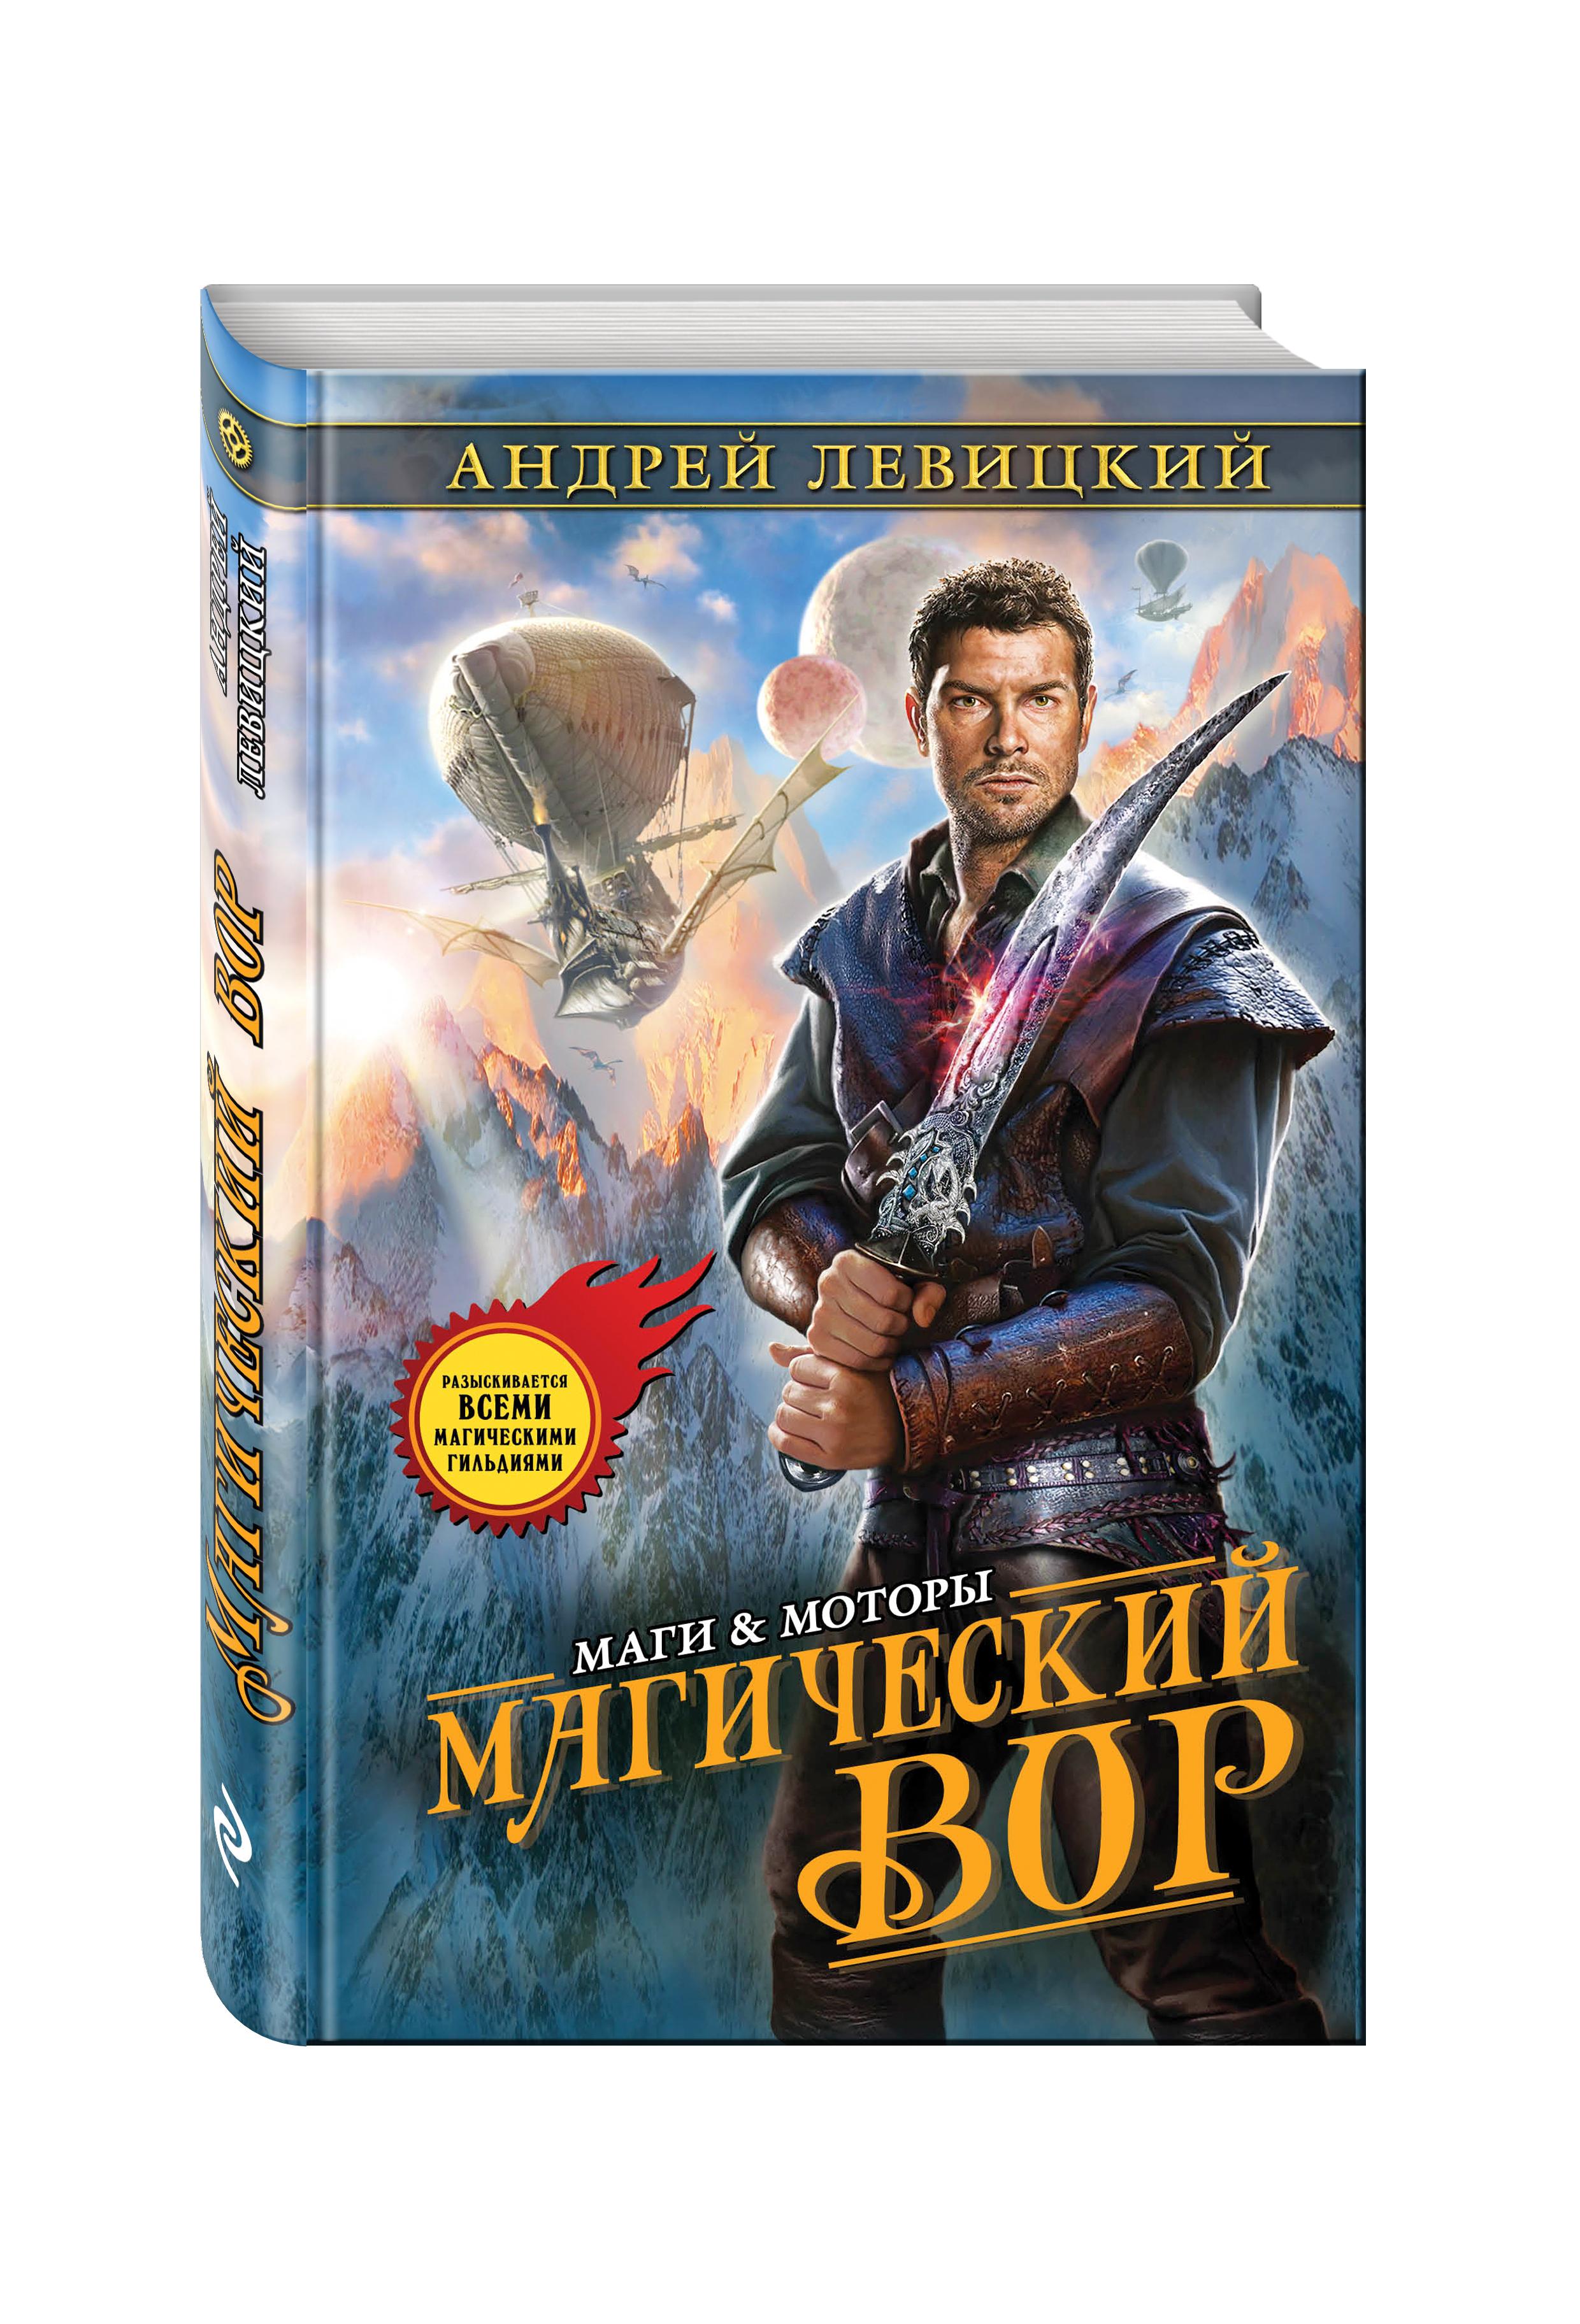 Андрей Левицкий Магический вор левицкий а магический вор